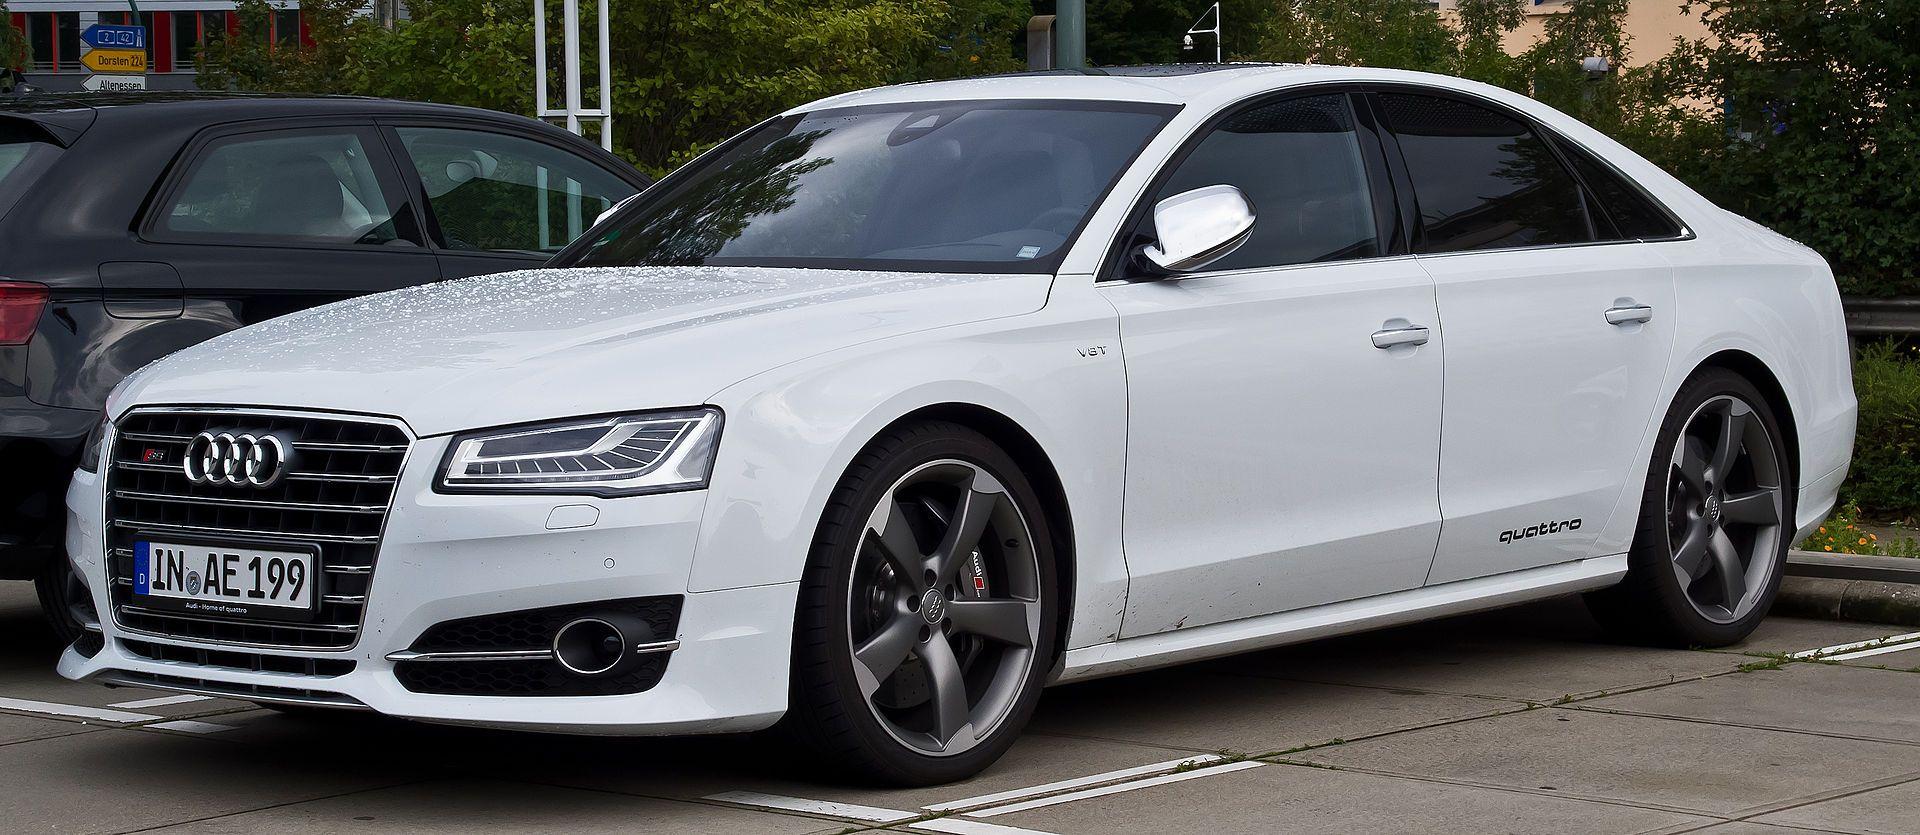 Audi S8 (D4, Facelift) – Frontansicht, 16. August 2014, Essen.jpg